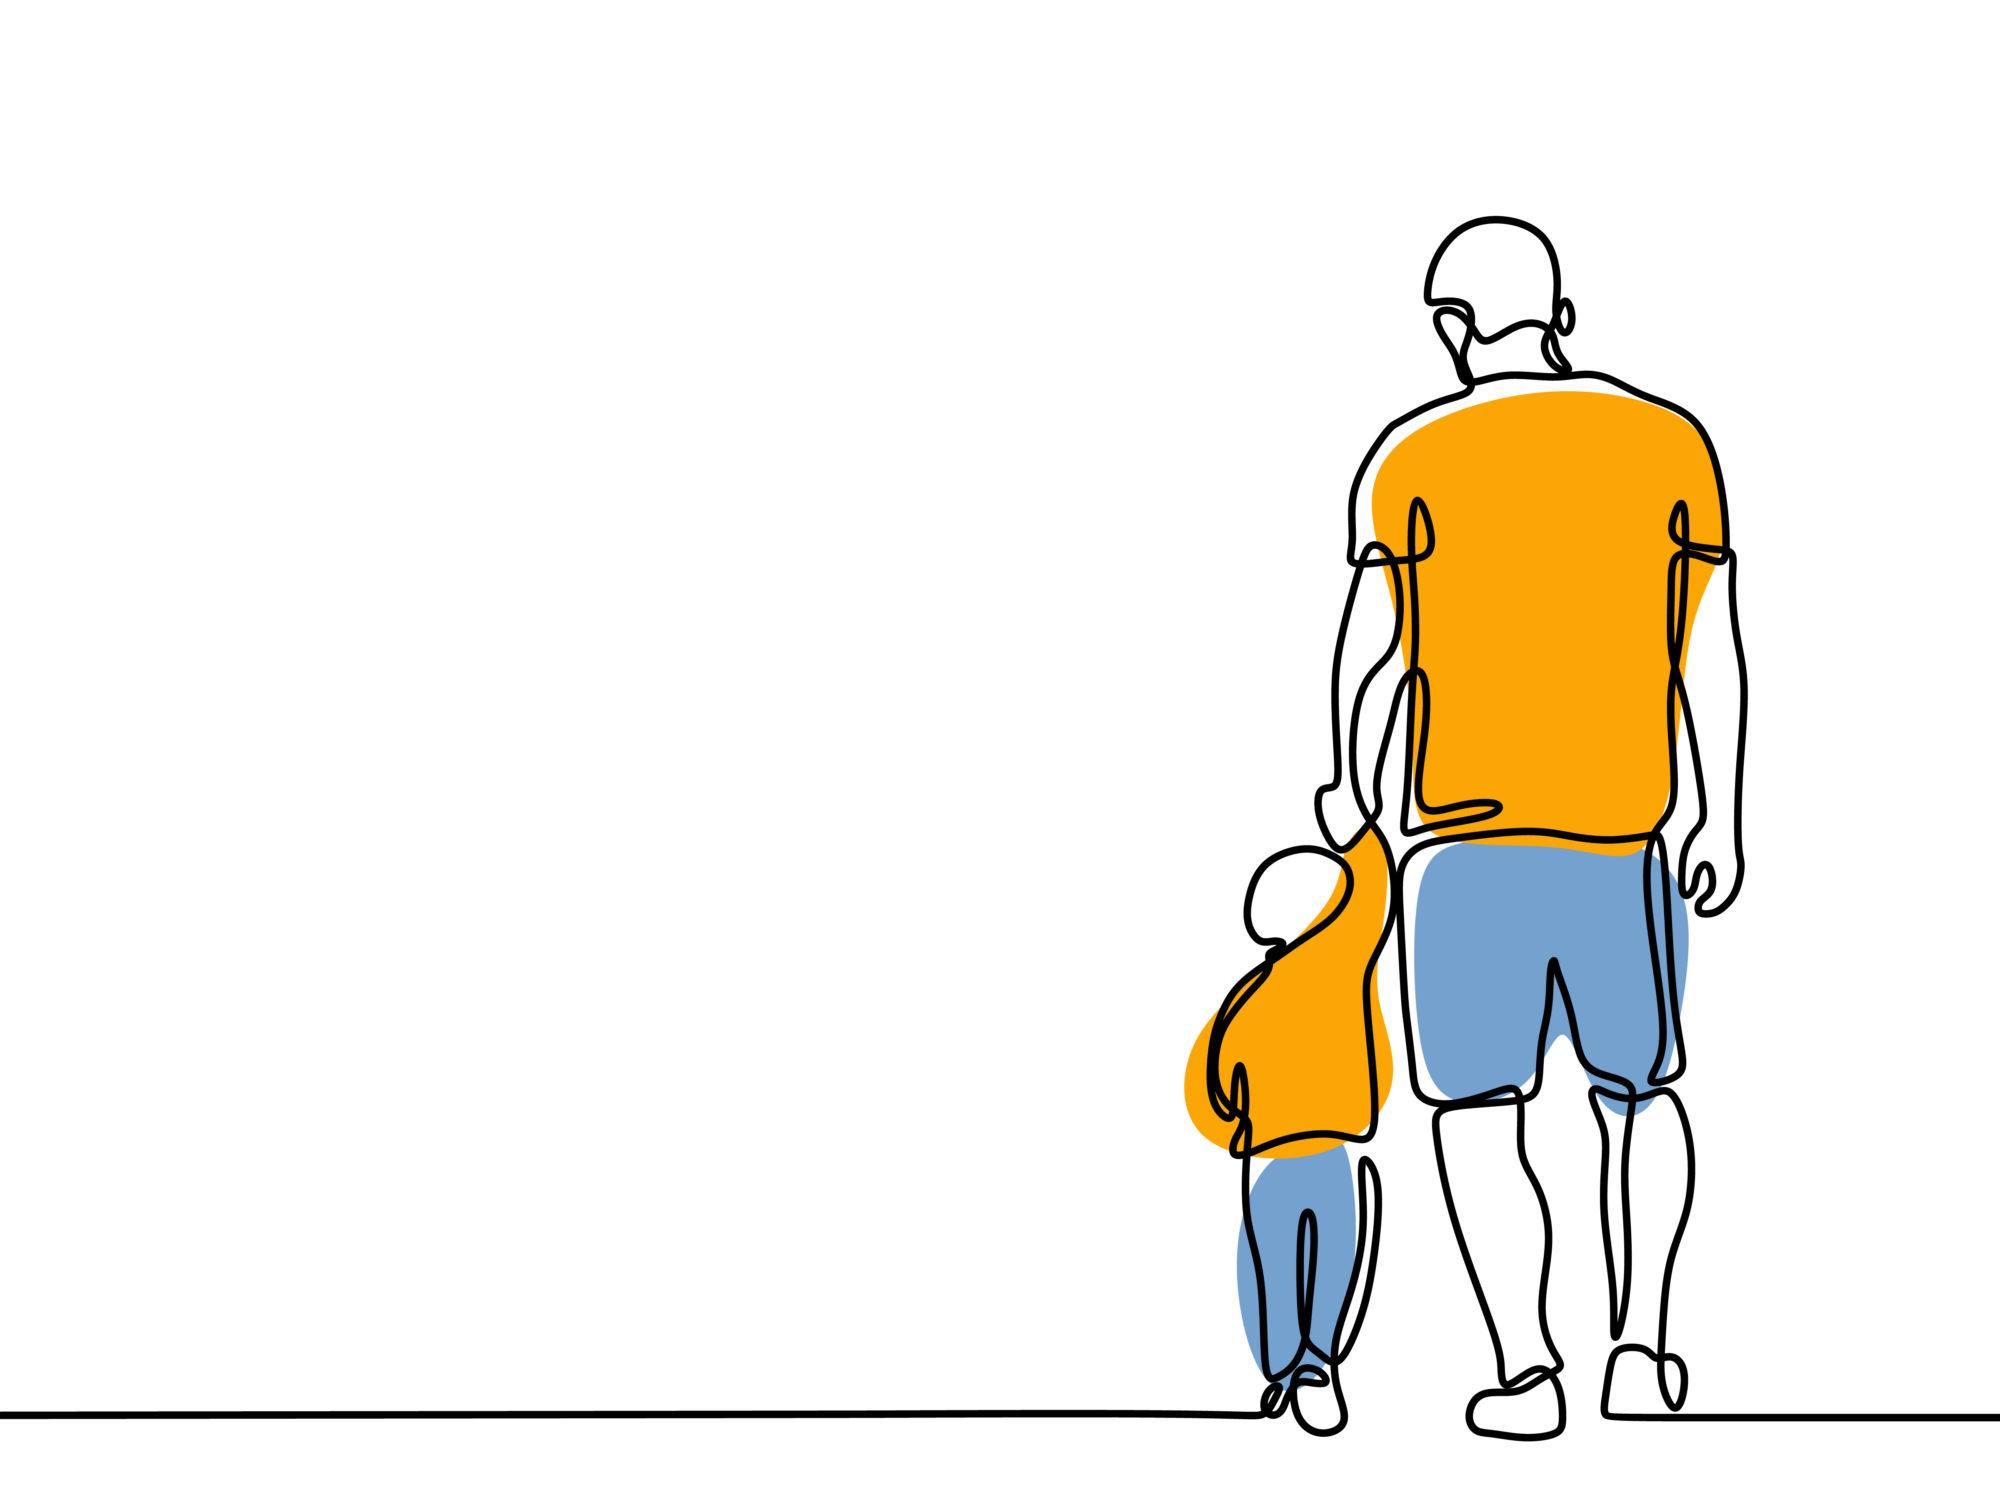 Hình tranh vẽ người cha và con dắt tay nhau đi